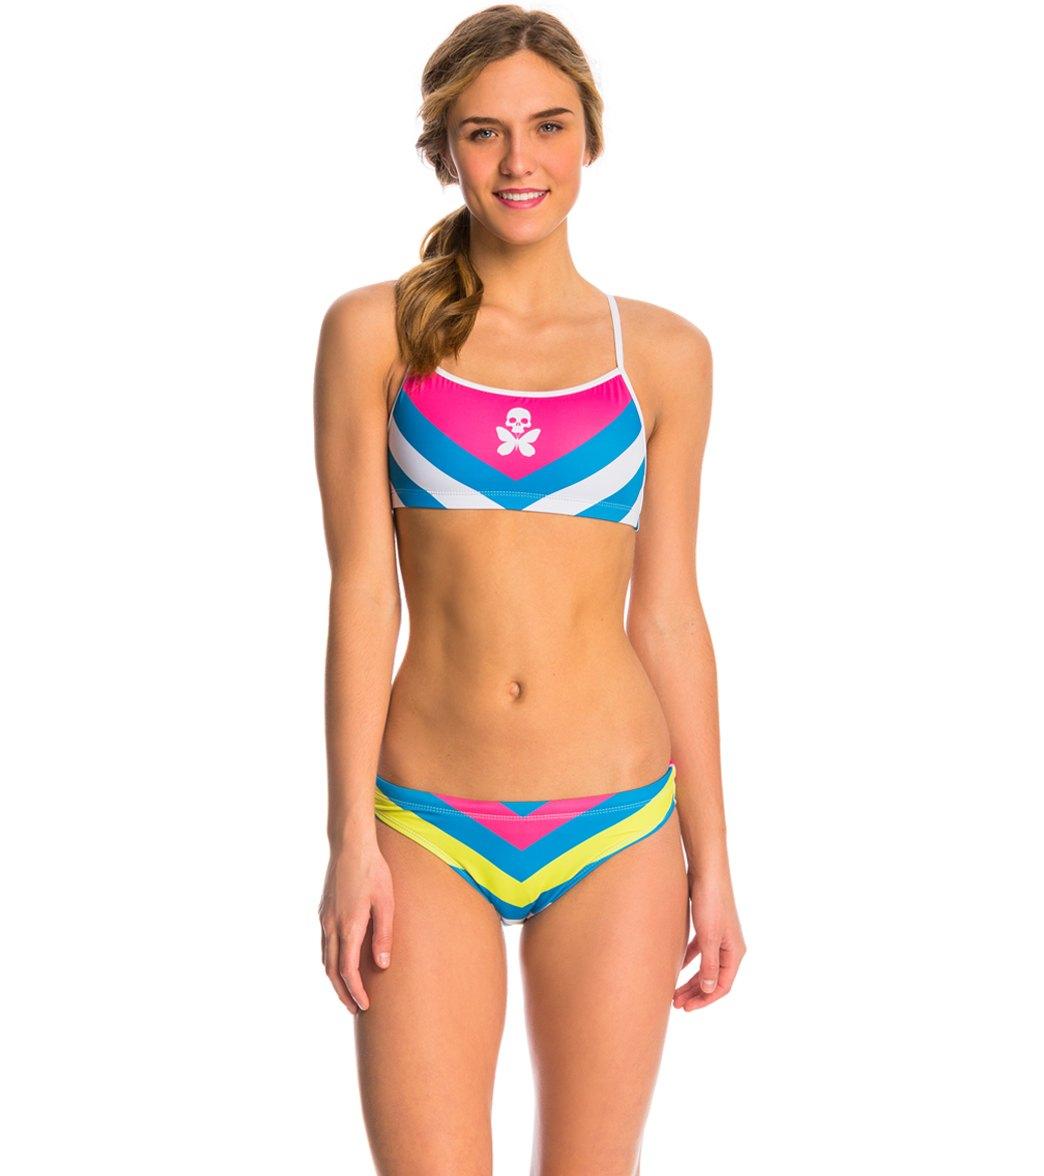 a082c1a22dea Betty Designs Women s Chevron Bikini Set at SwimOutlet.com - Free ...